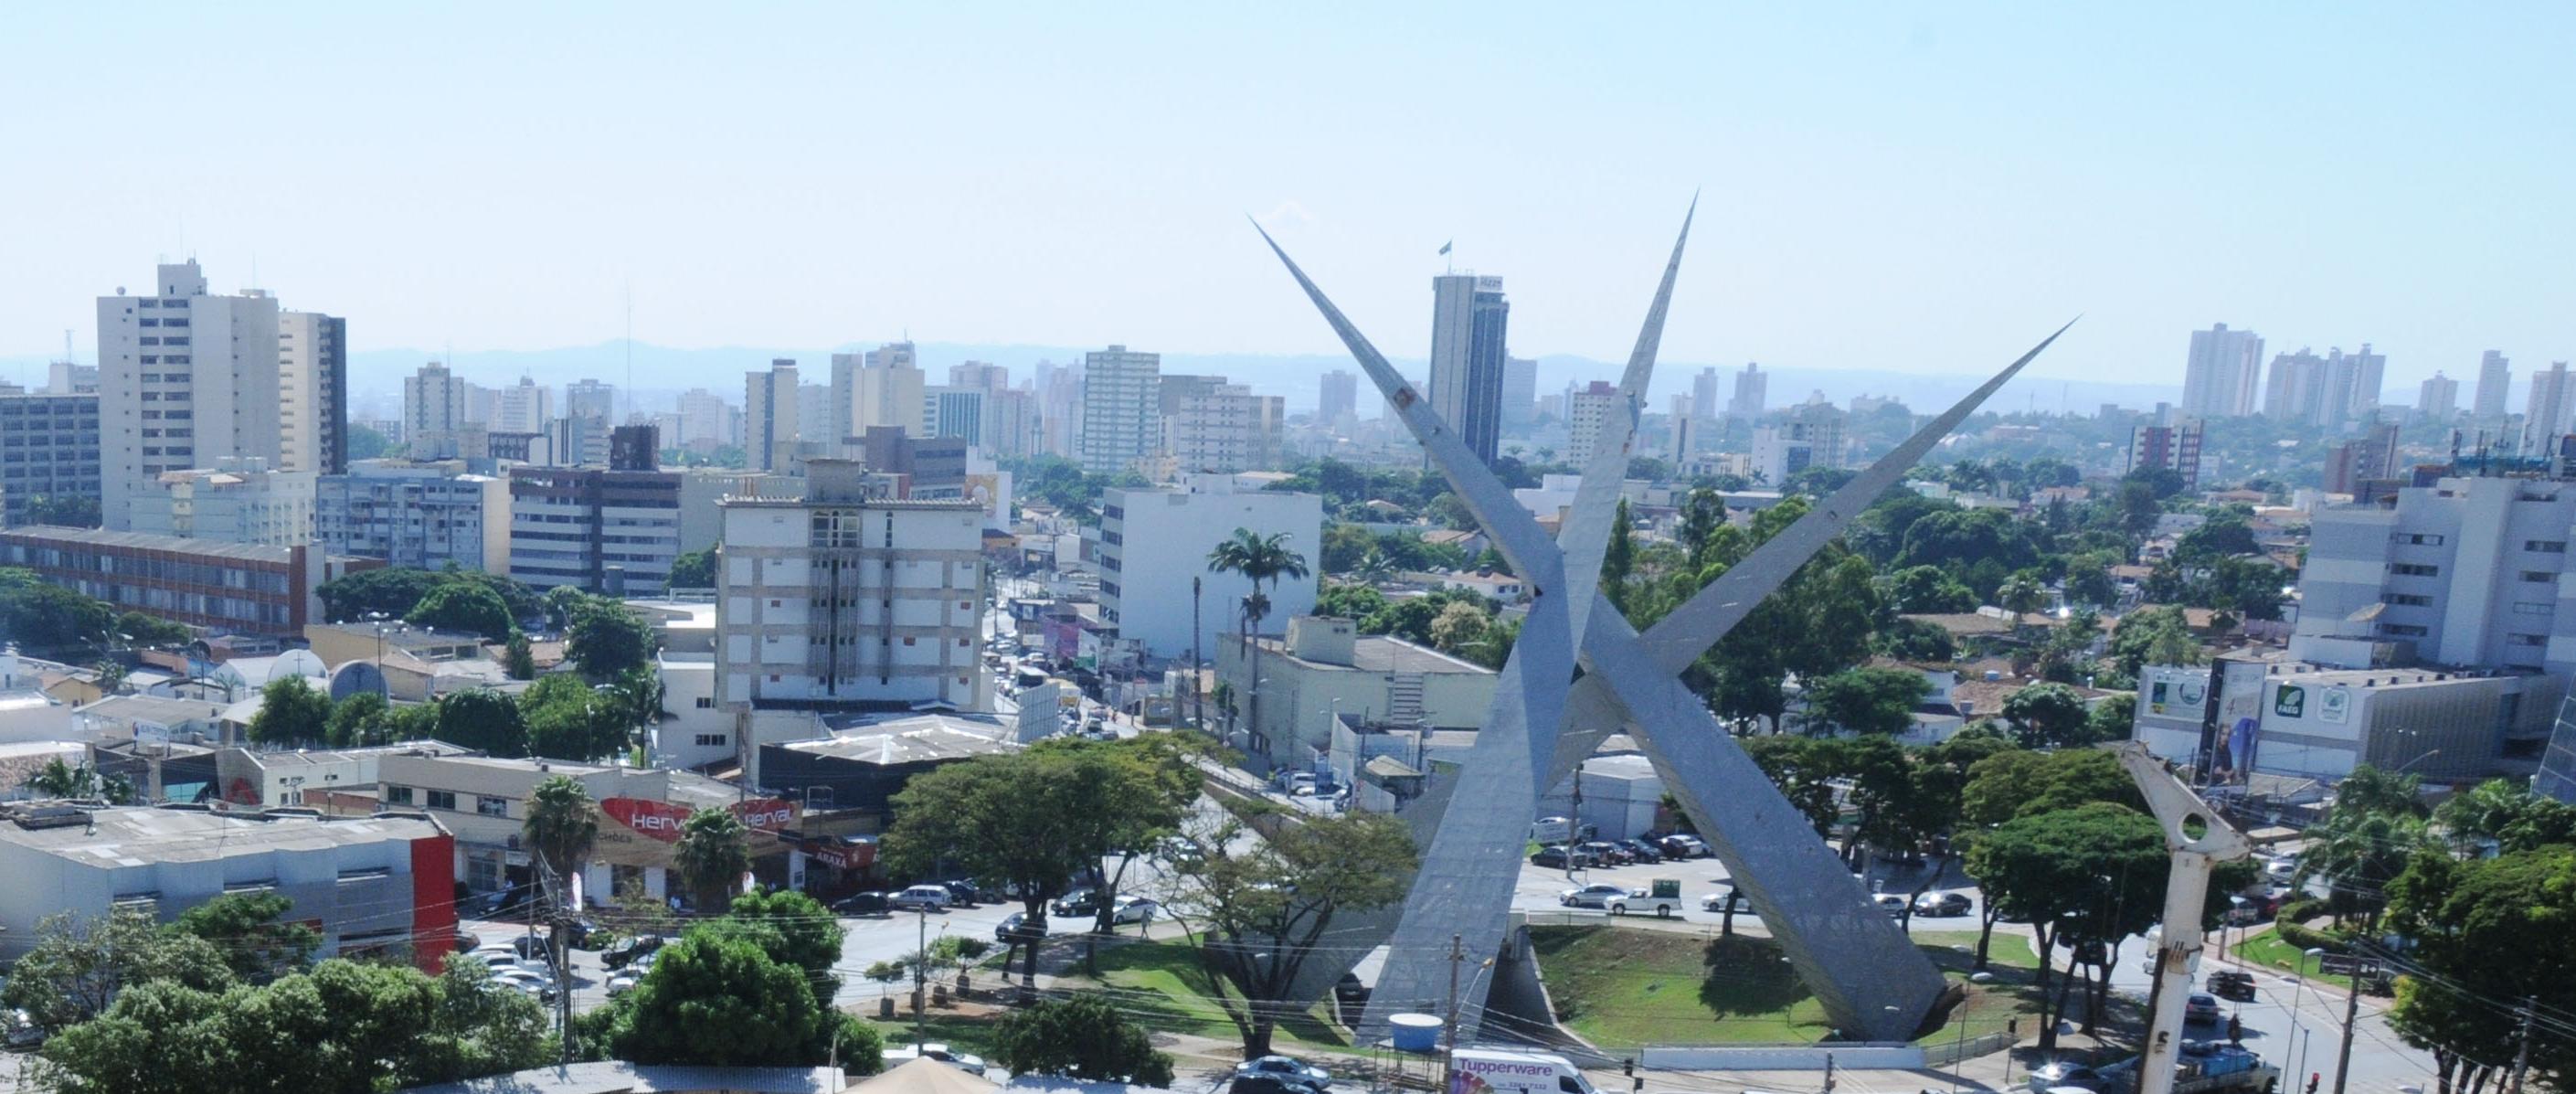 """""""O setor imobiliário sempre mandou em Goiânia desde sua fundação"""""""